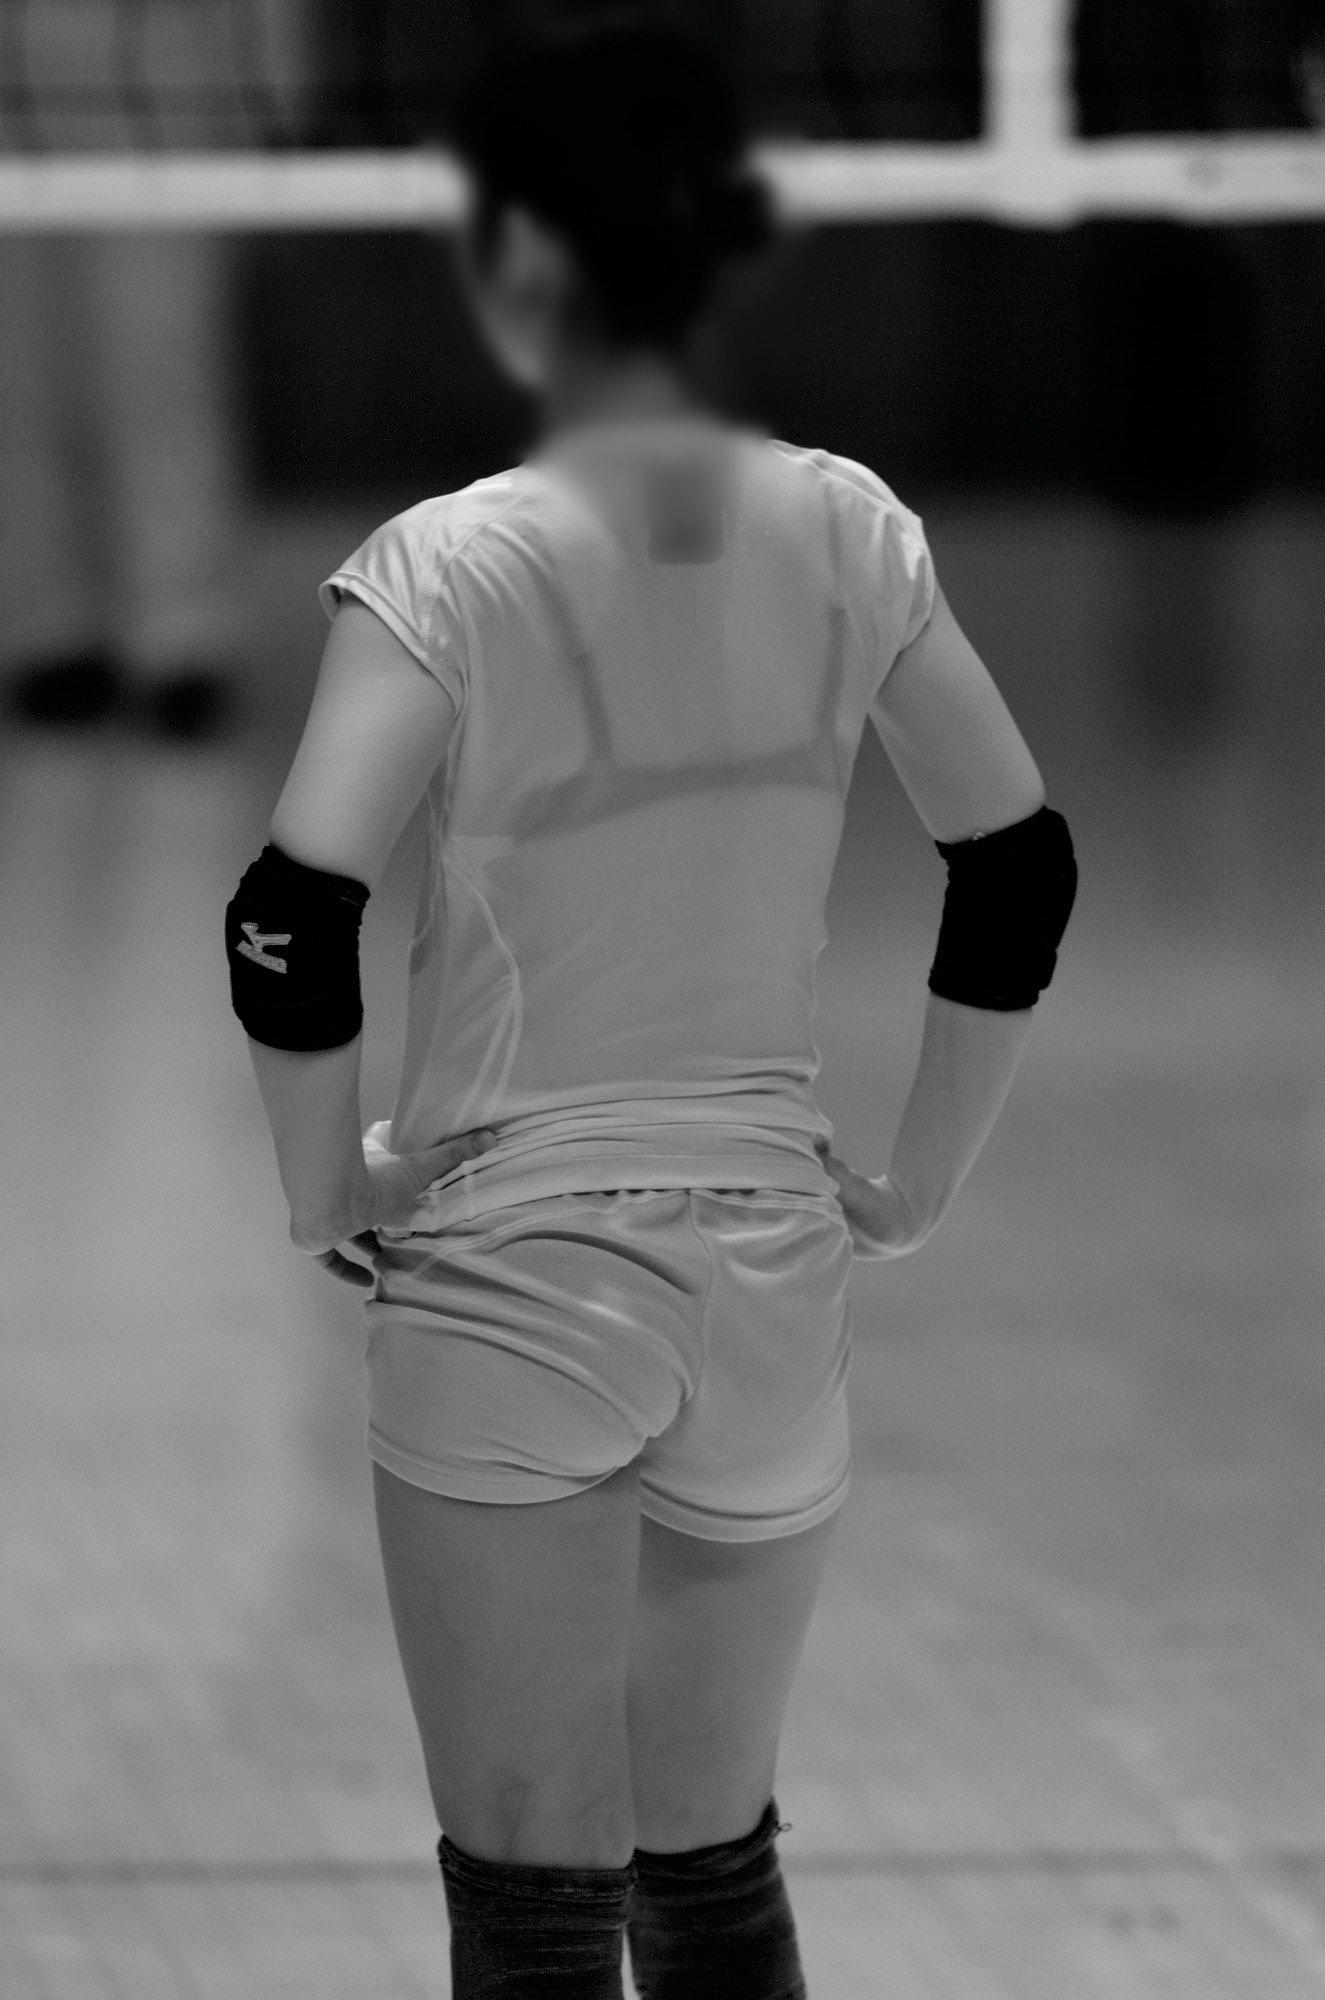 赤外線カメラ半端ない!!女子バレー選手のパンツとブラが透けまくってるスポーツ系エロ画像 3221